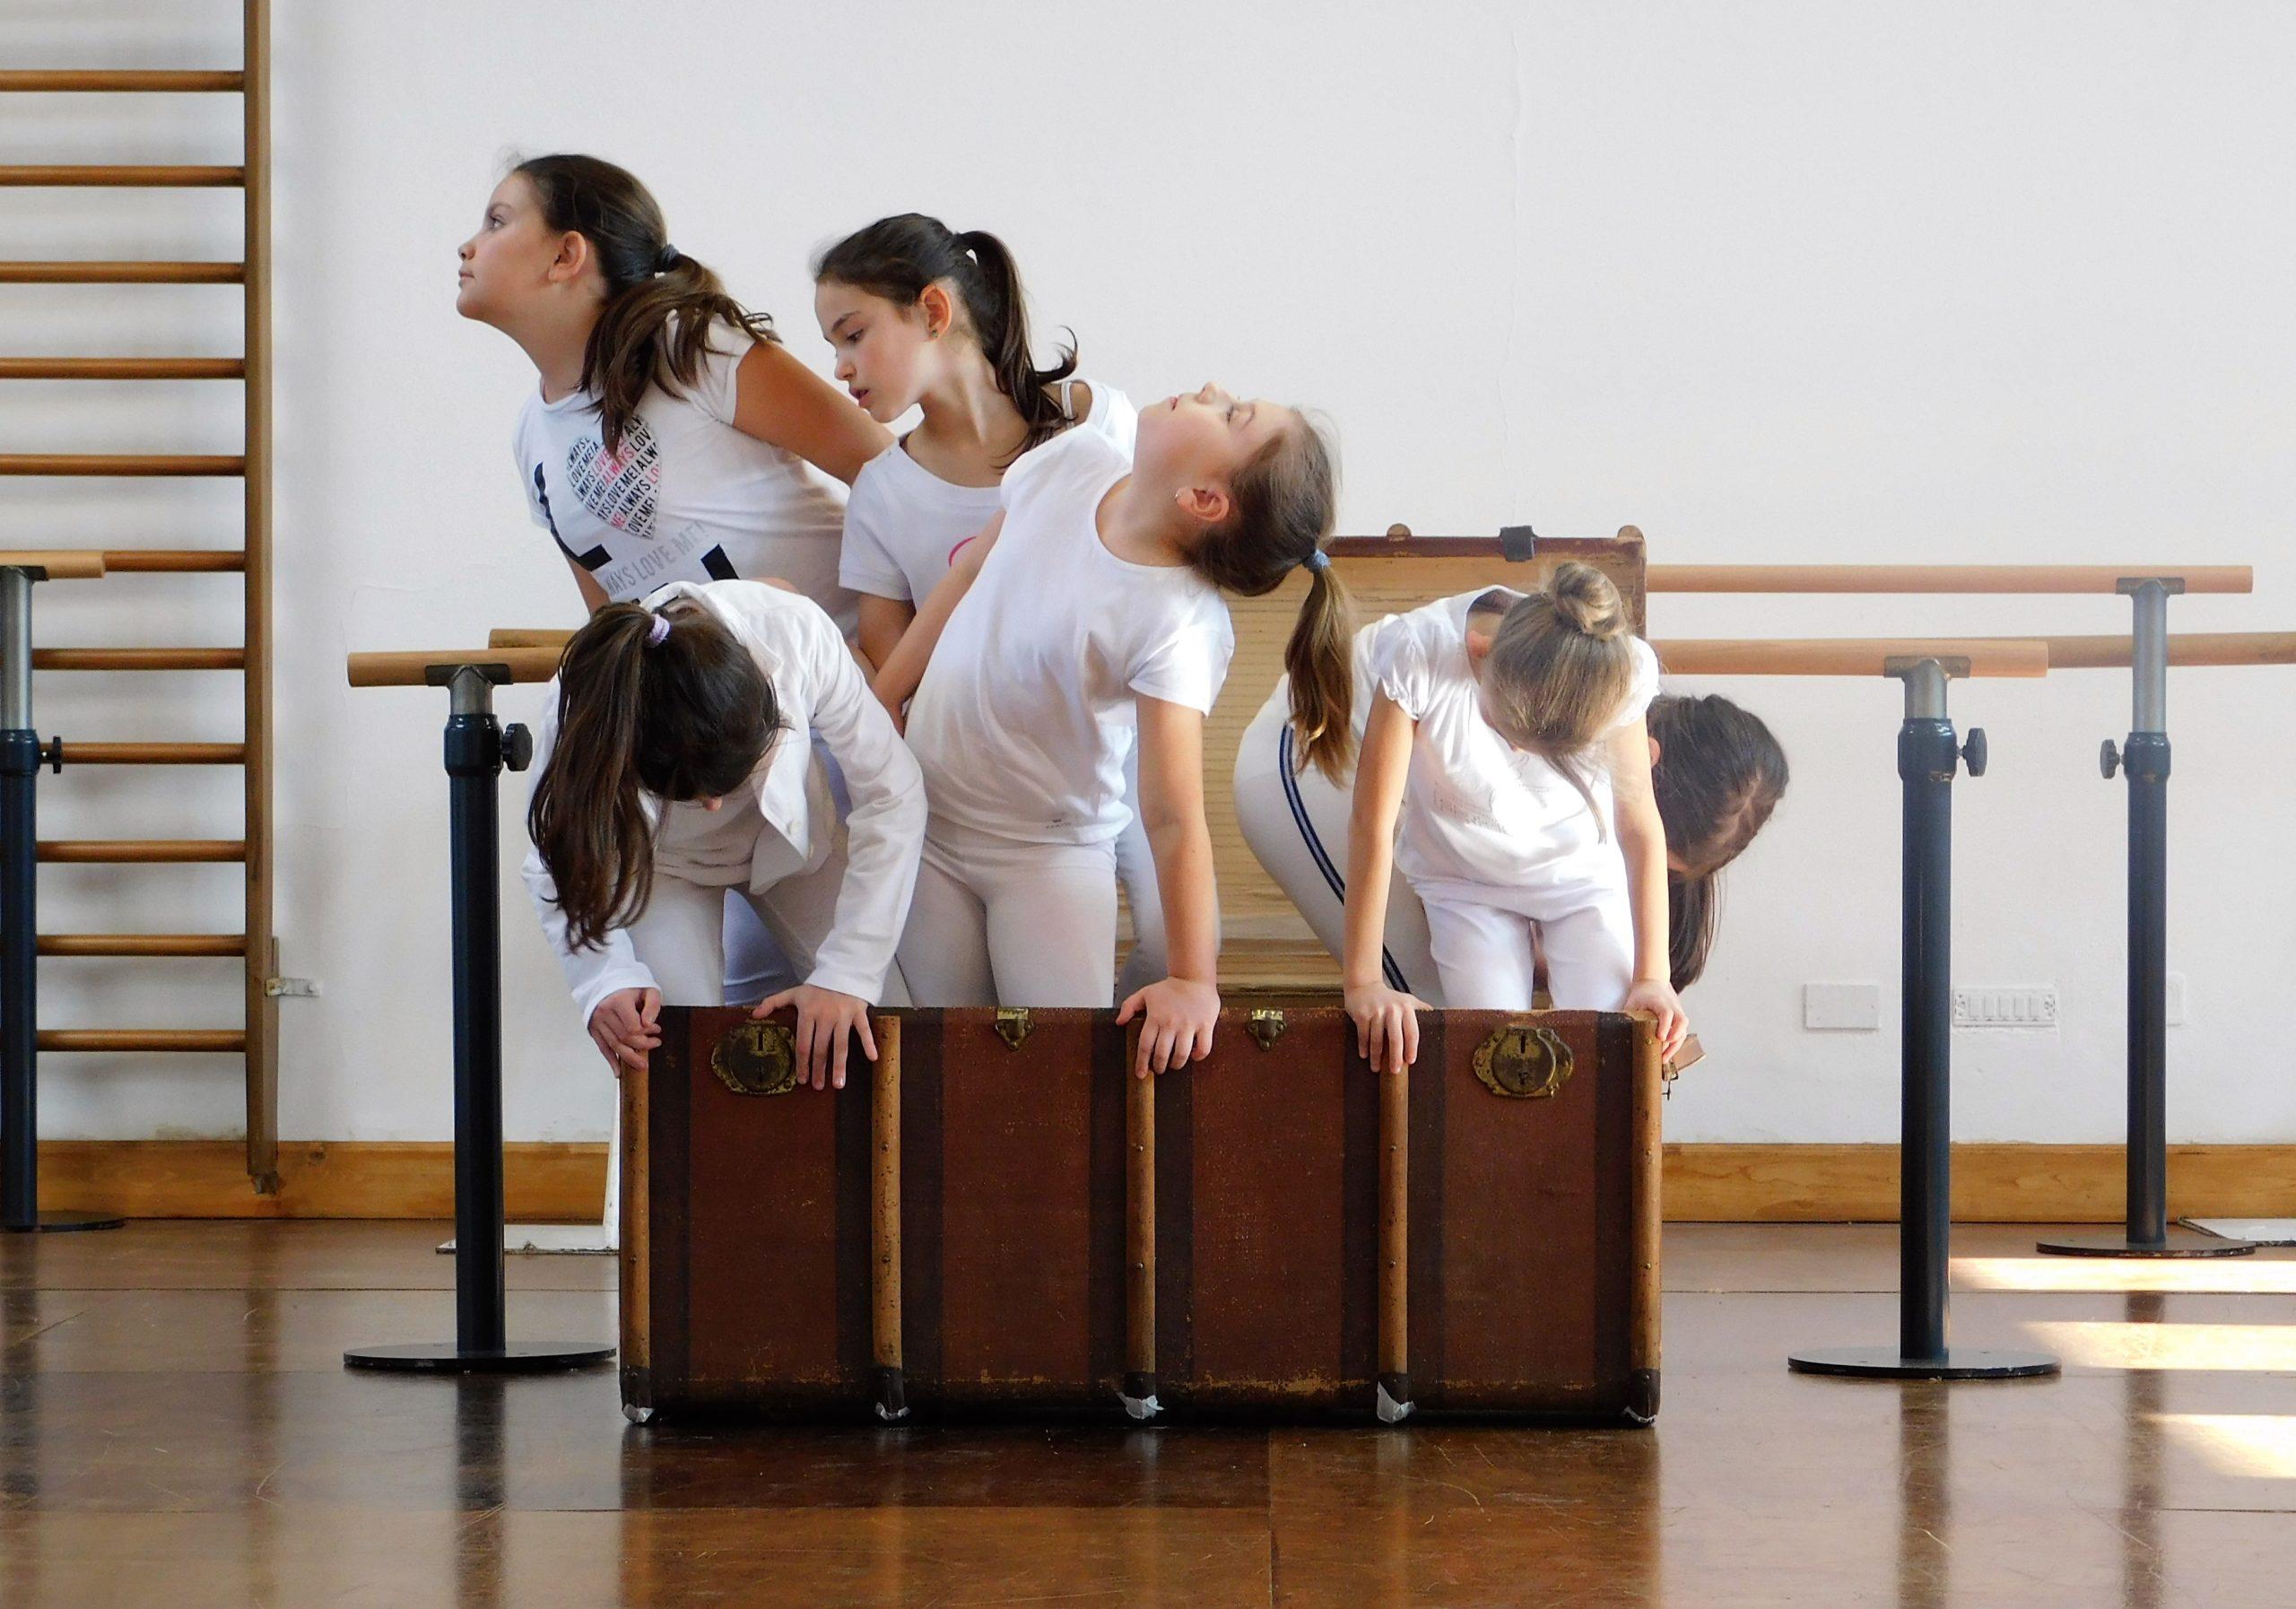 Danza e musica bimbi - Percorso ludico didattico EC Junior - Performance